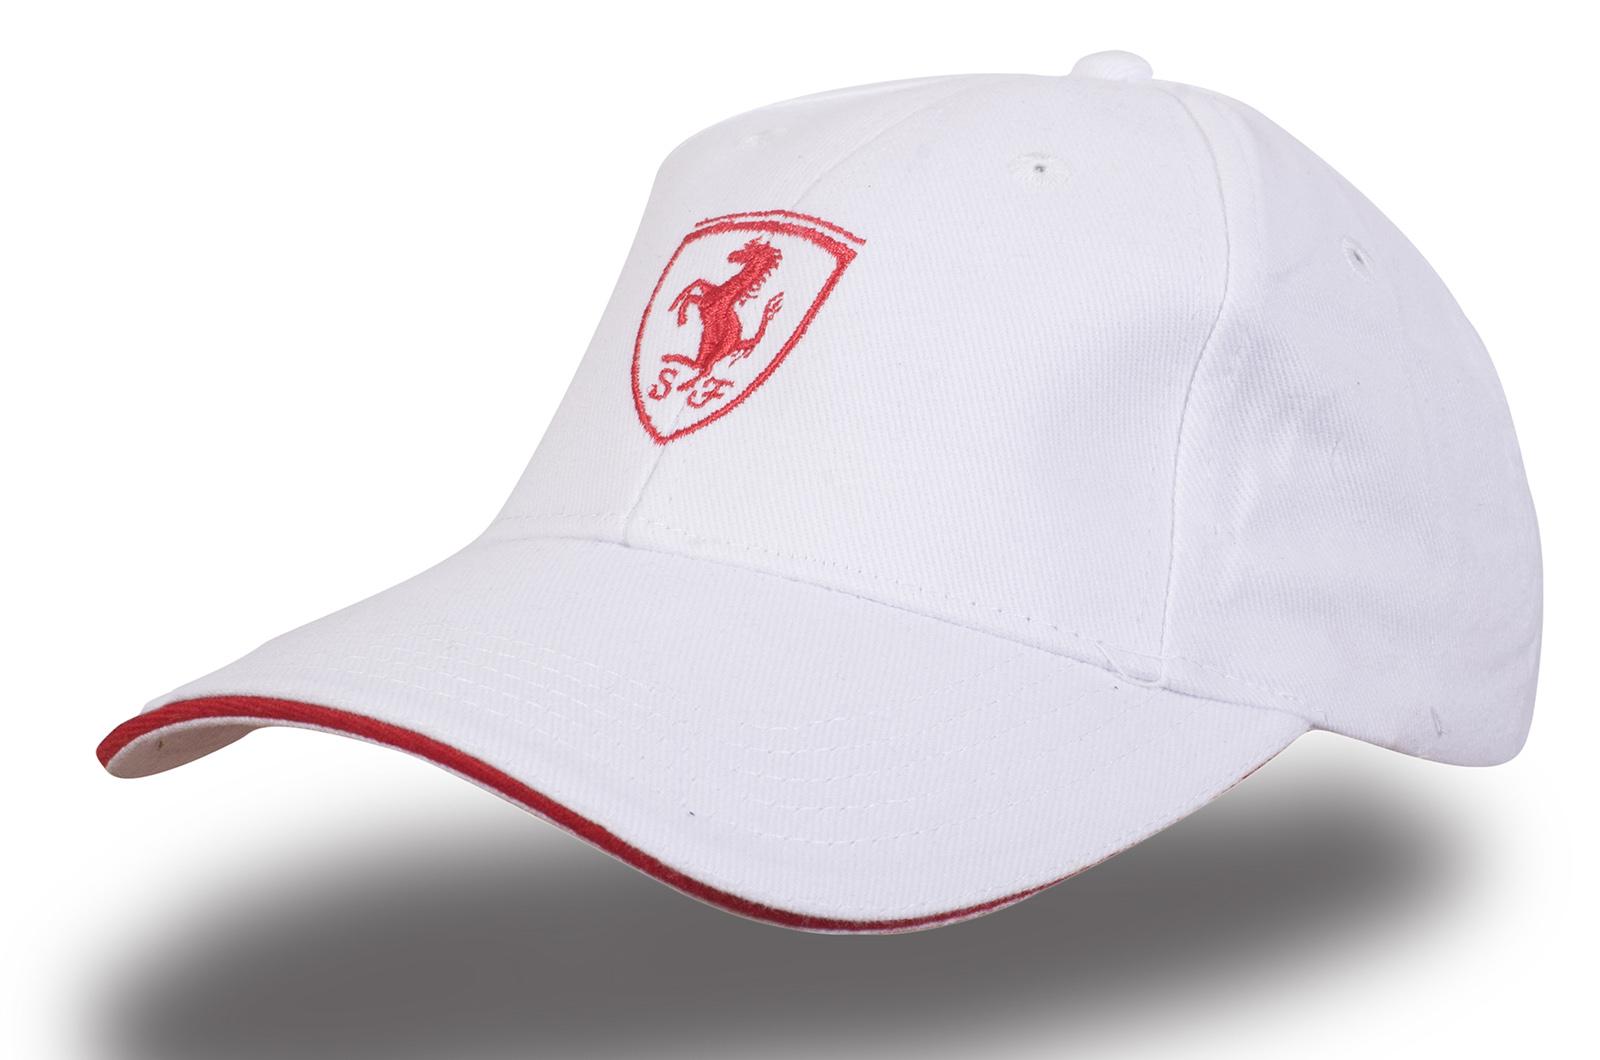 Белая бейсболка Ferrari - купить в интернет-магазине с доставкой